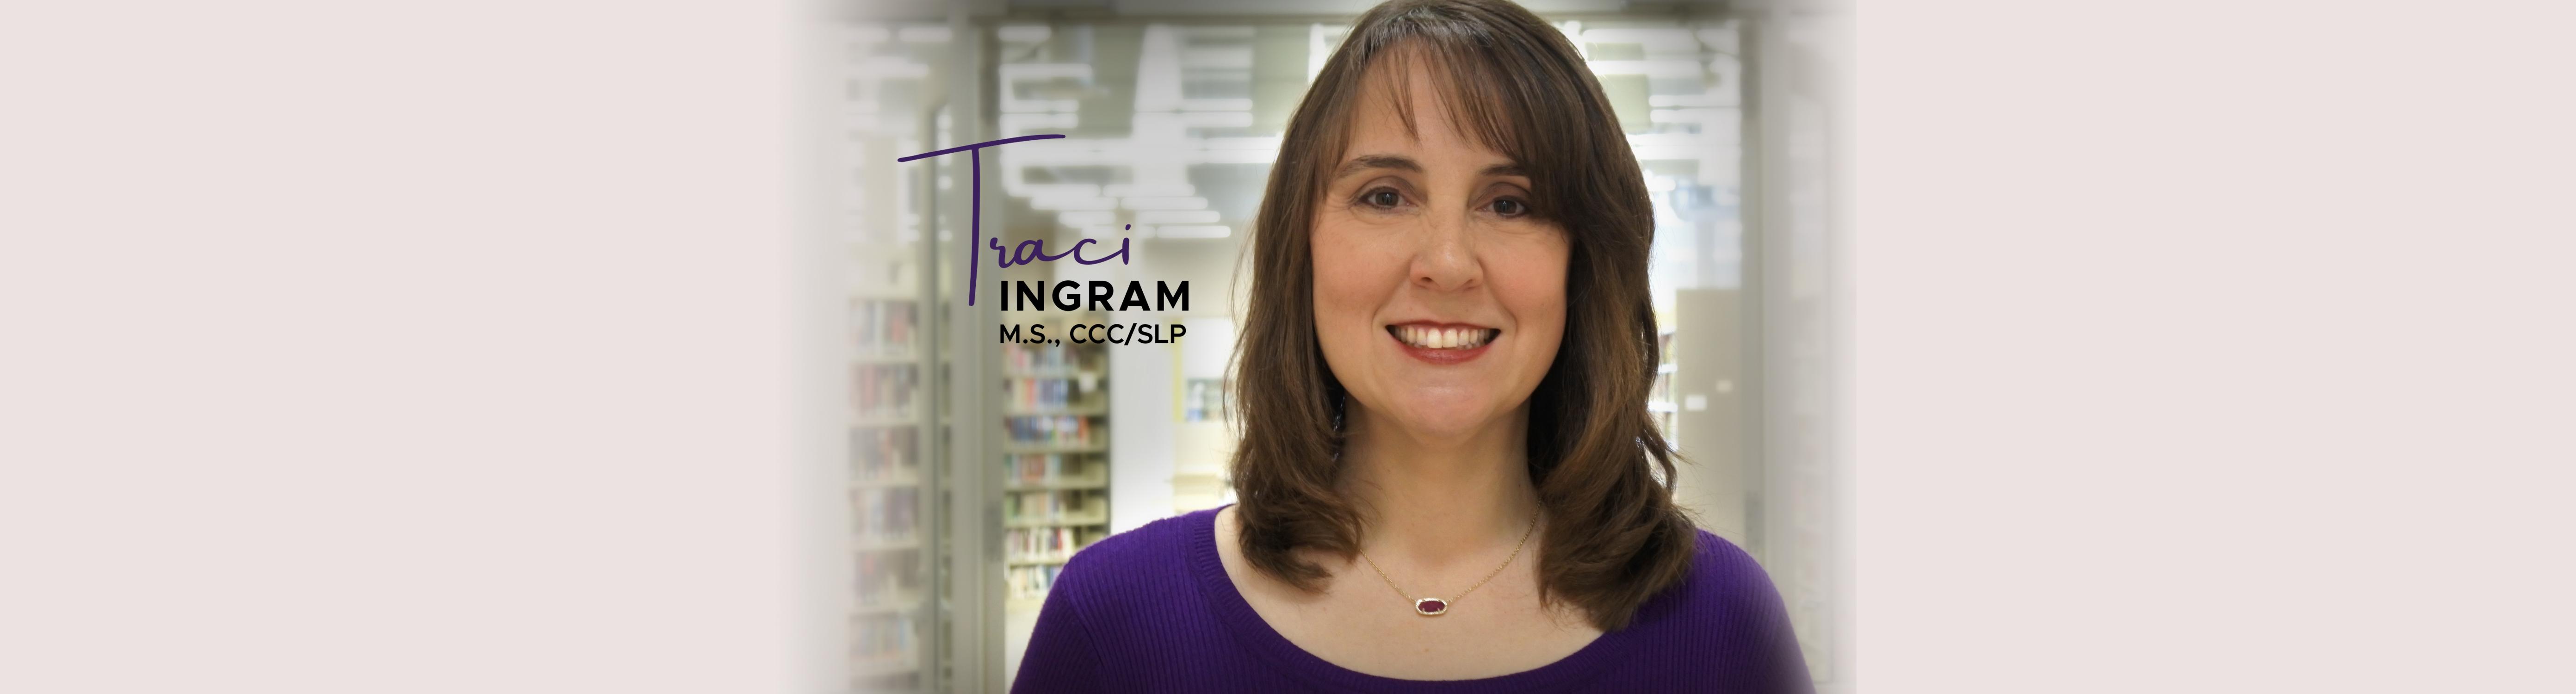 Traci Ingram, M.S., CCC/SLP